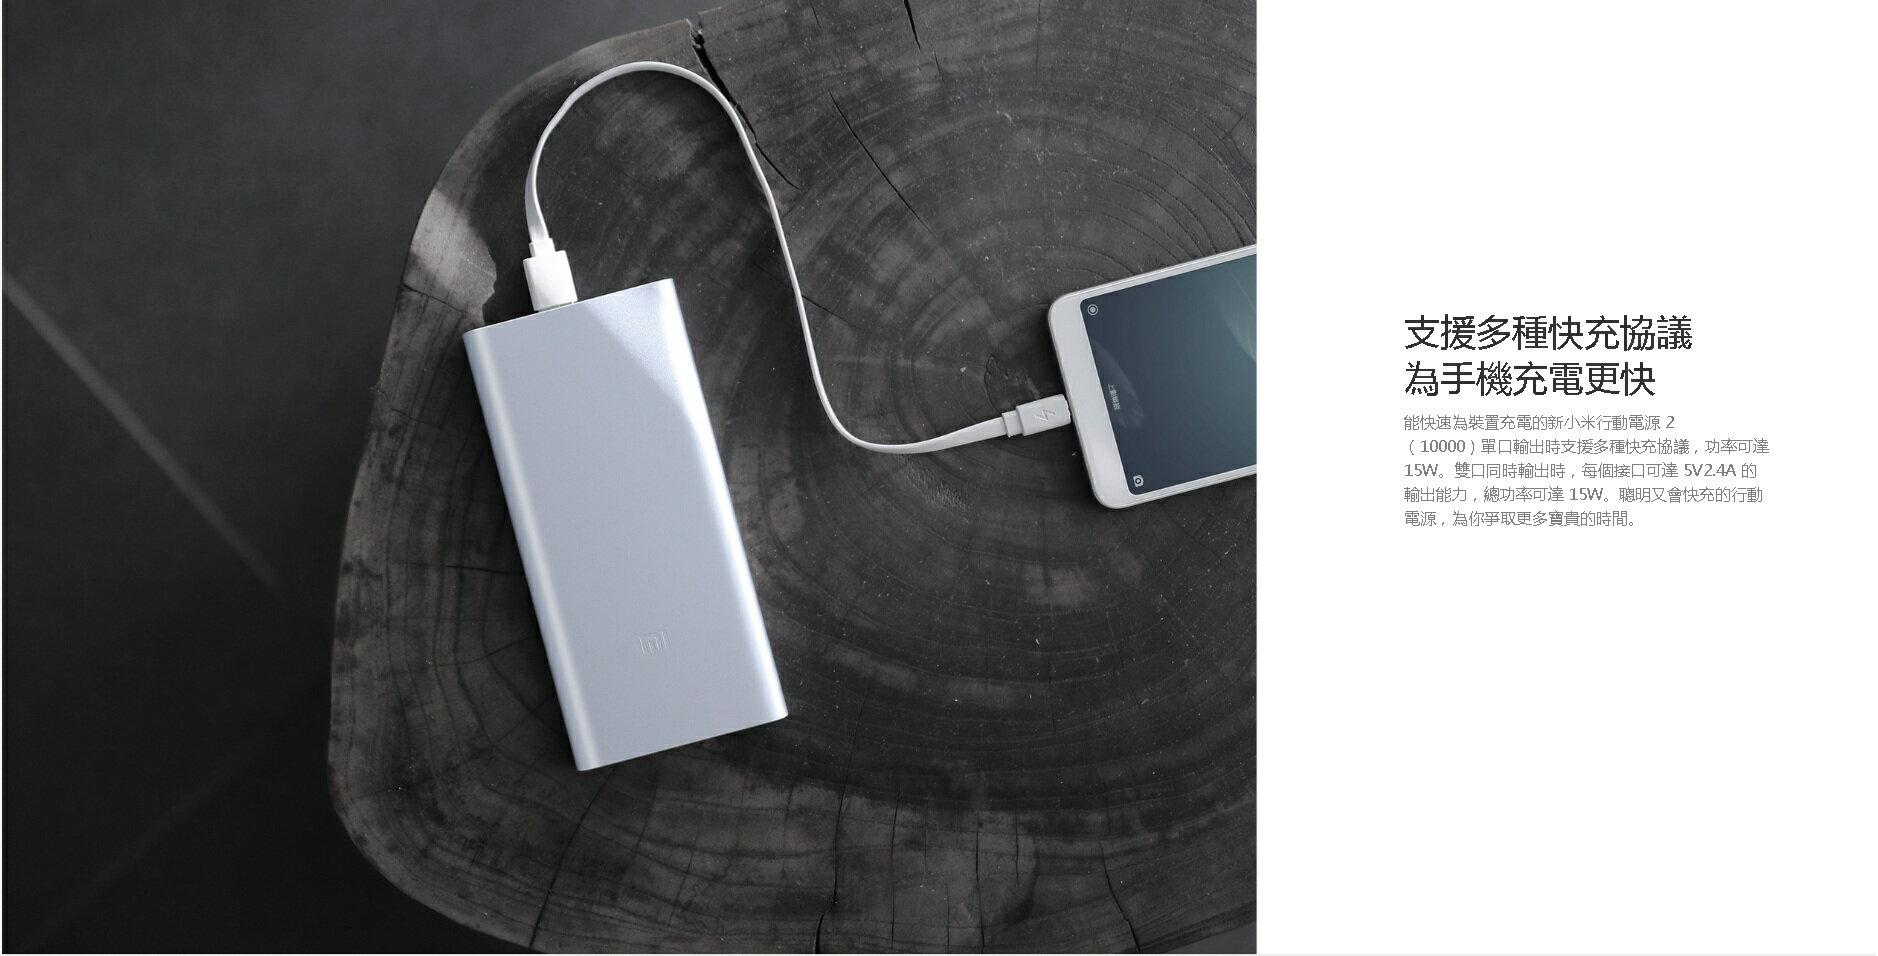 最新版 小米 行動電源 第2代 雙輸出 台灣官方代購 10000mAh 雙向快充 鋰聚合物電芯 鋁合金金屬外殼 正版 6